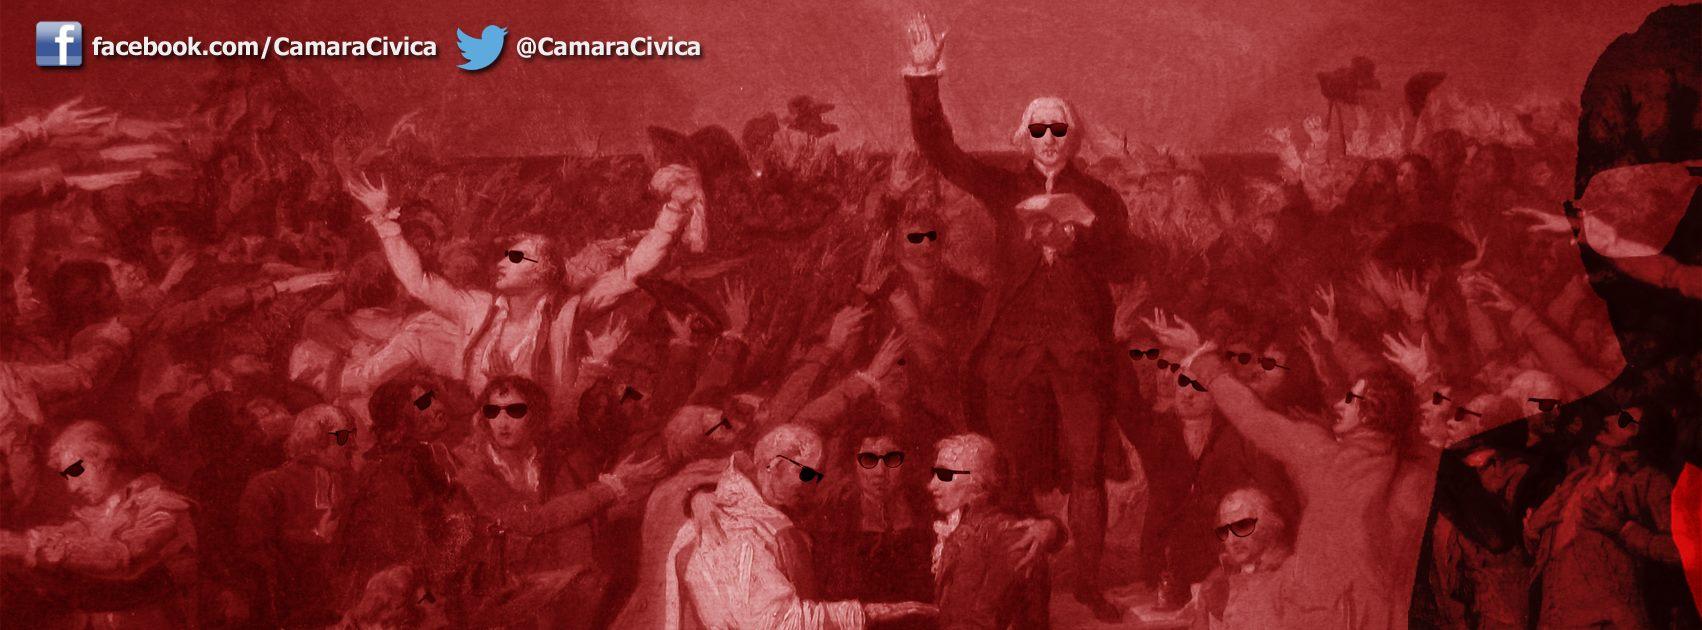 Nace Cámara Cívica, una empresa de asesoría política a través de películas y series televisivas